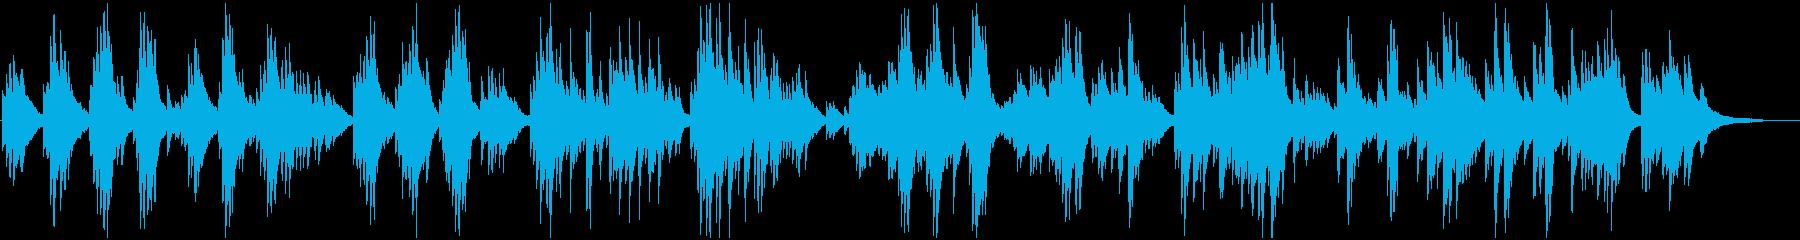 緩やかで優しいピアノクラシックの再生済みの波形